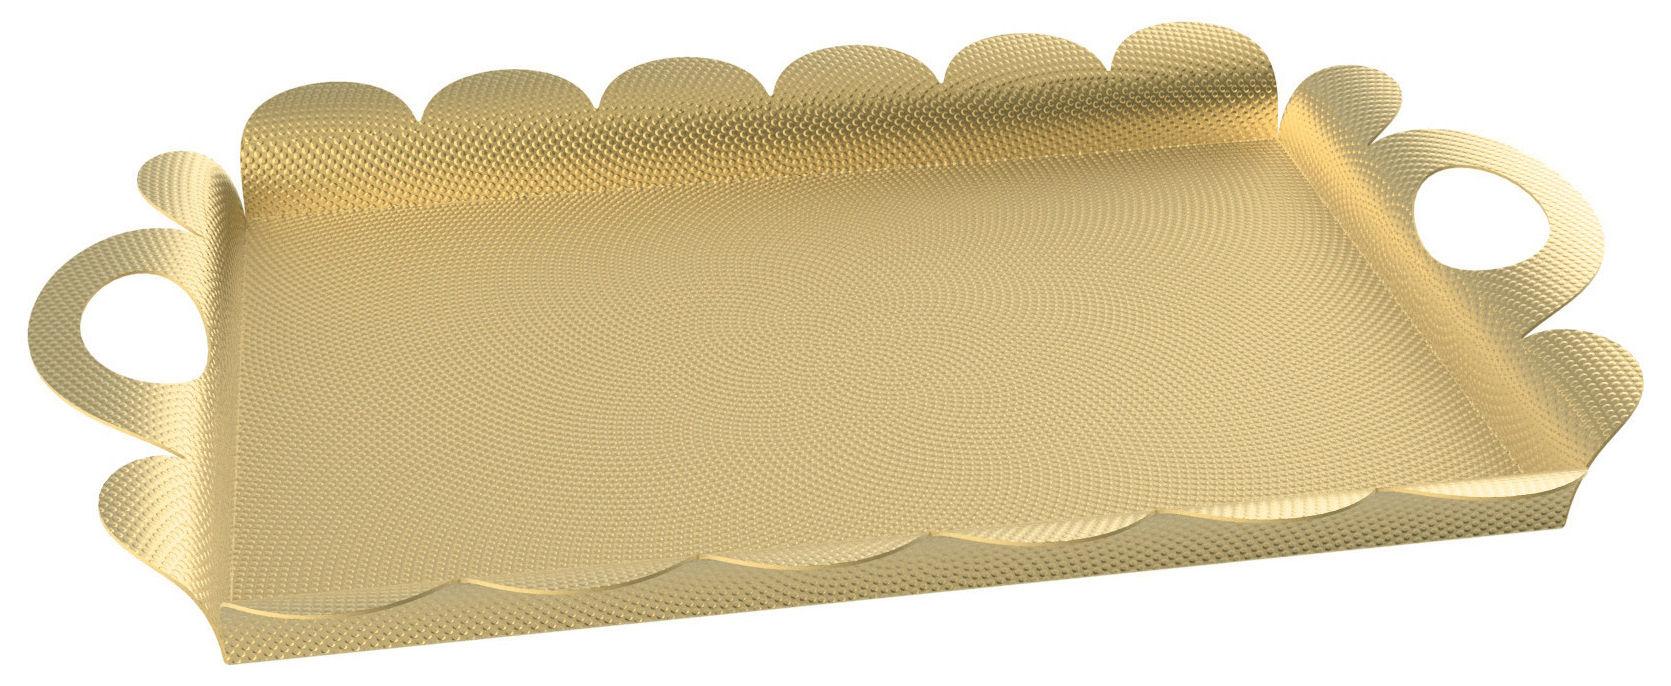 Tableware - Trays - Recinto Tray - / Brass - 52 x 35 cm by Alessi - Brass - Brass